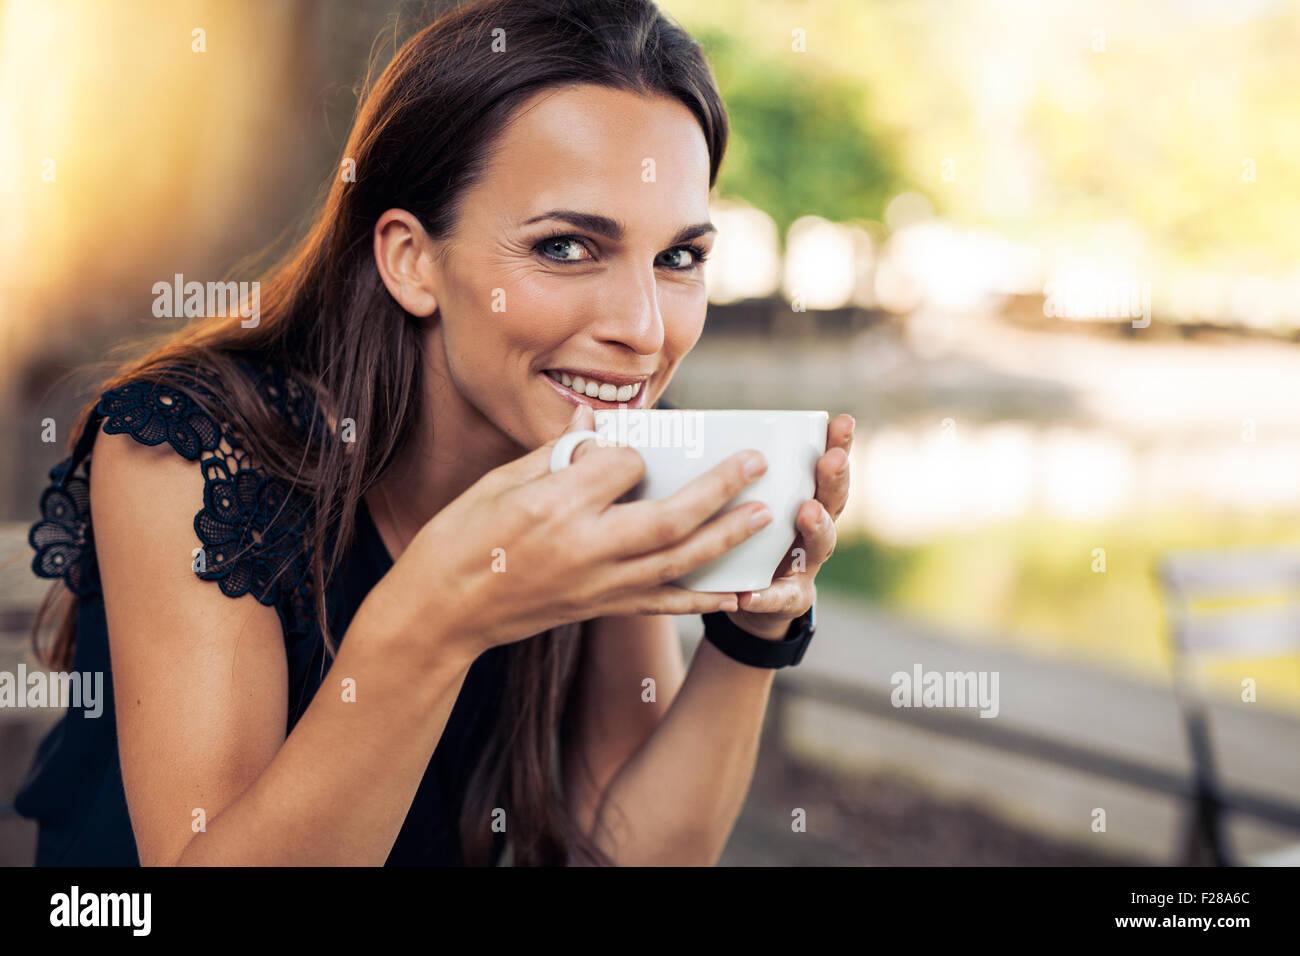 Schöne junge Frau hält eine Tasse Kaffee mit Blick auf die Kamera zu Lächeln. Fröhliche Frau Stockbild